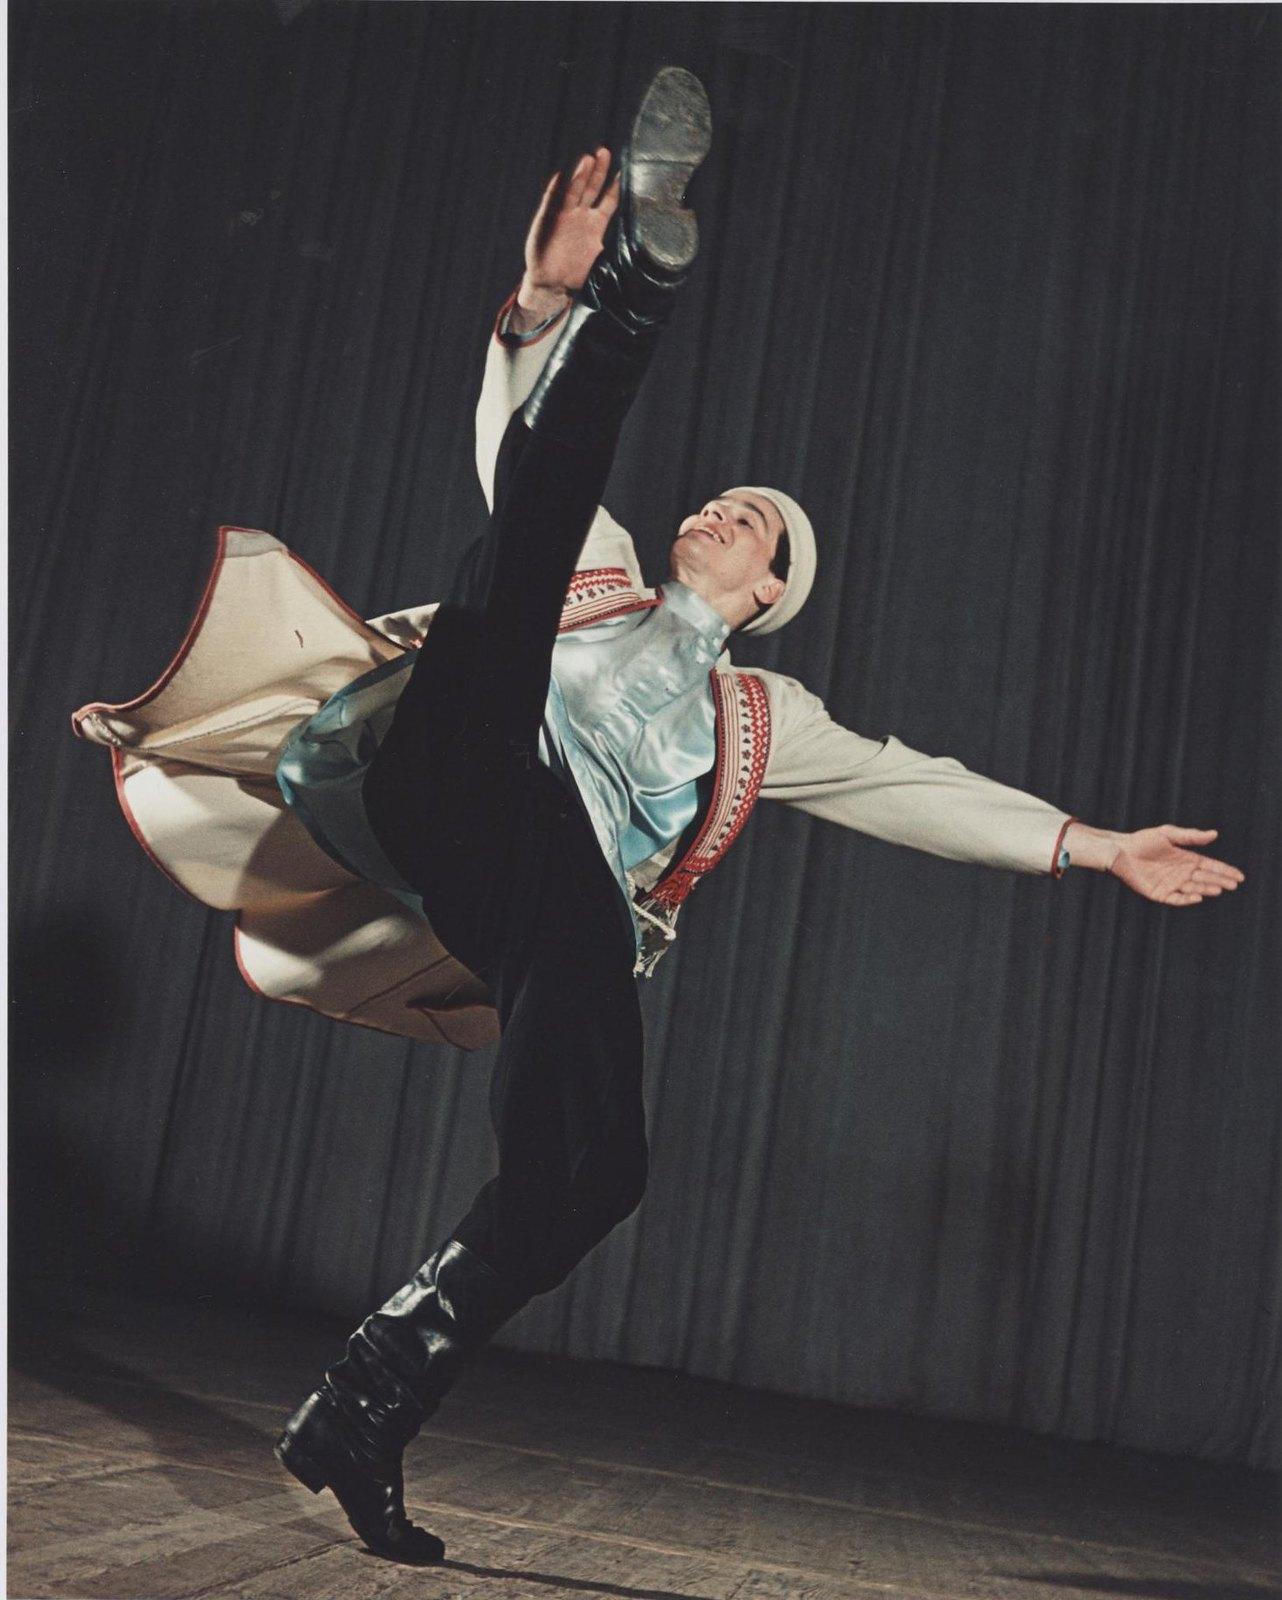 1950-е. Ансамбль народного танца СССР. Концертный номер «Русская сюита». Солист - Лев Голованов.